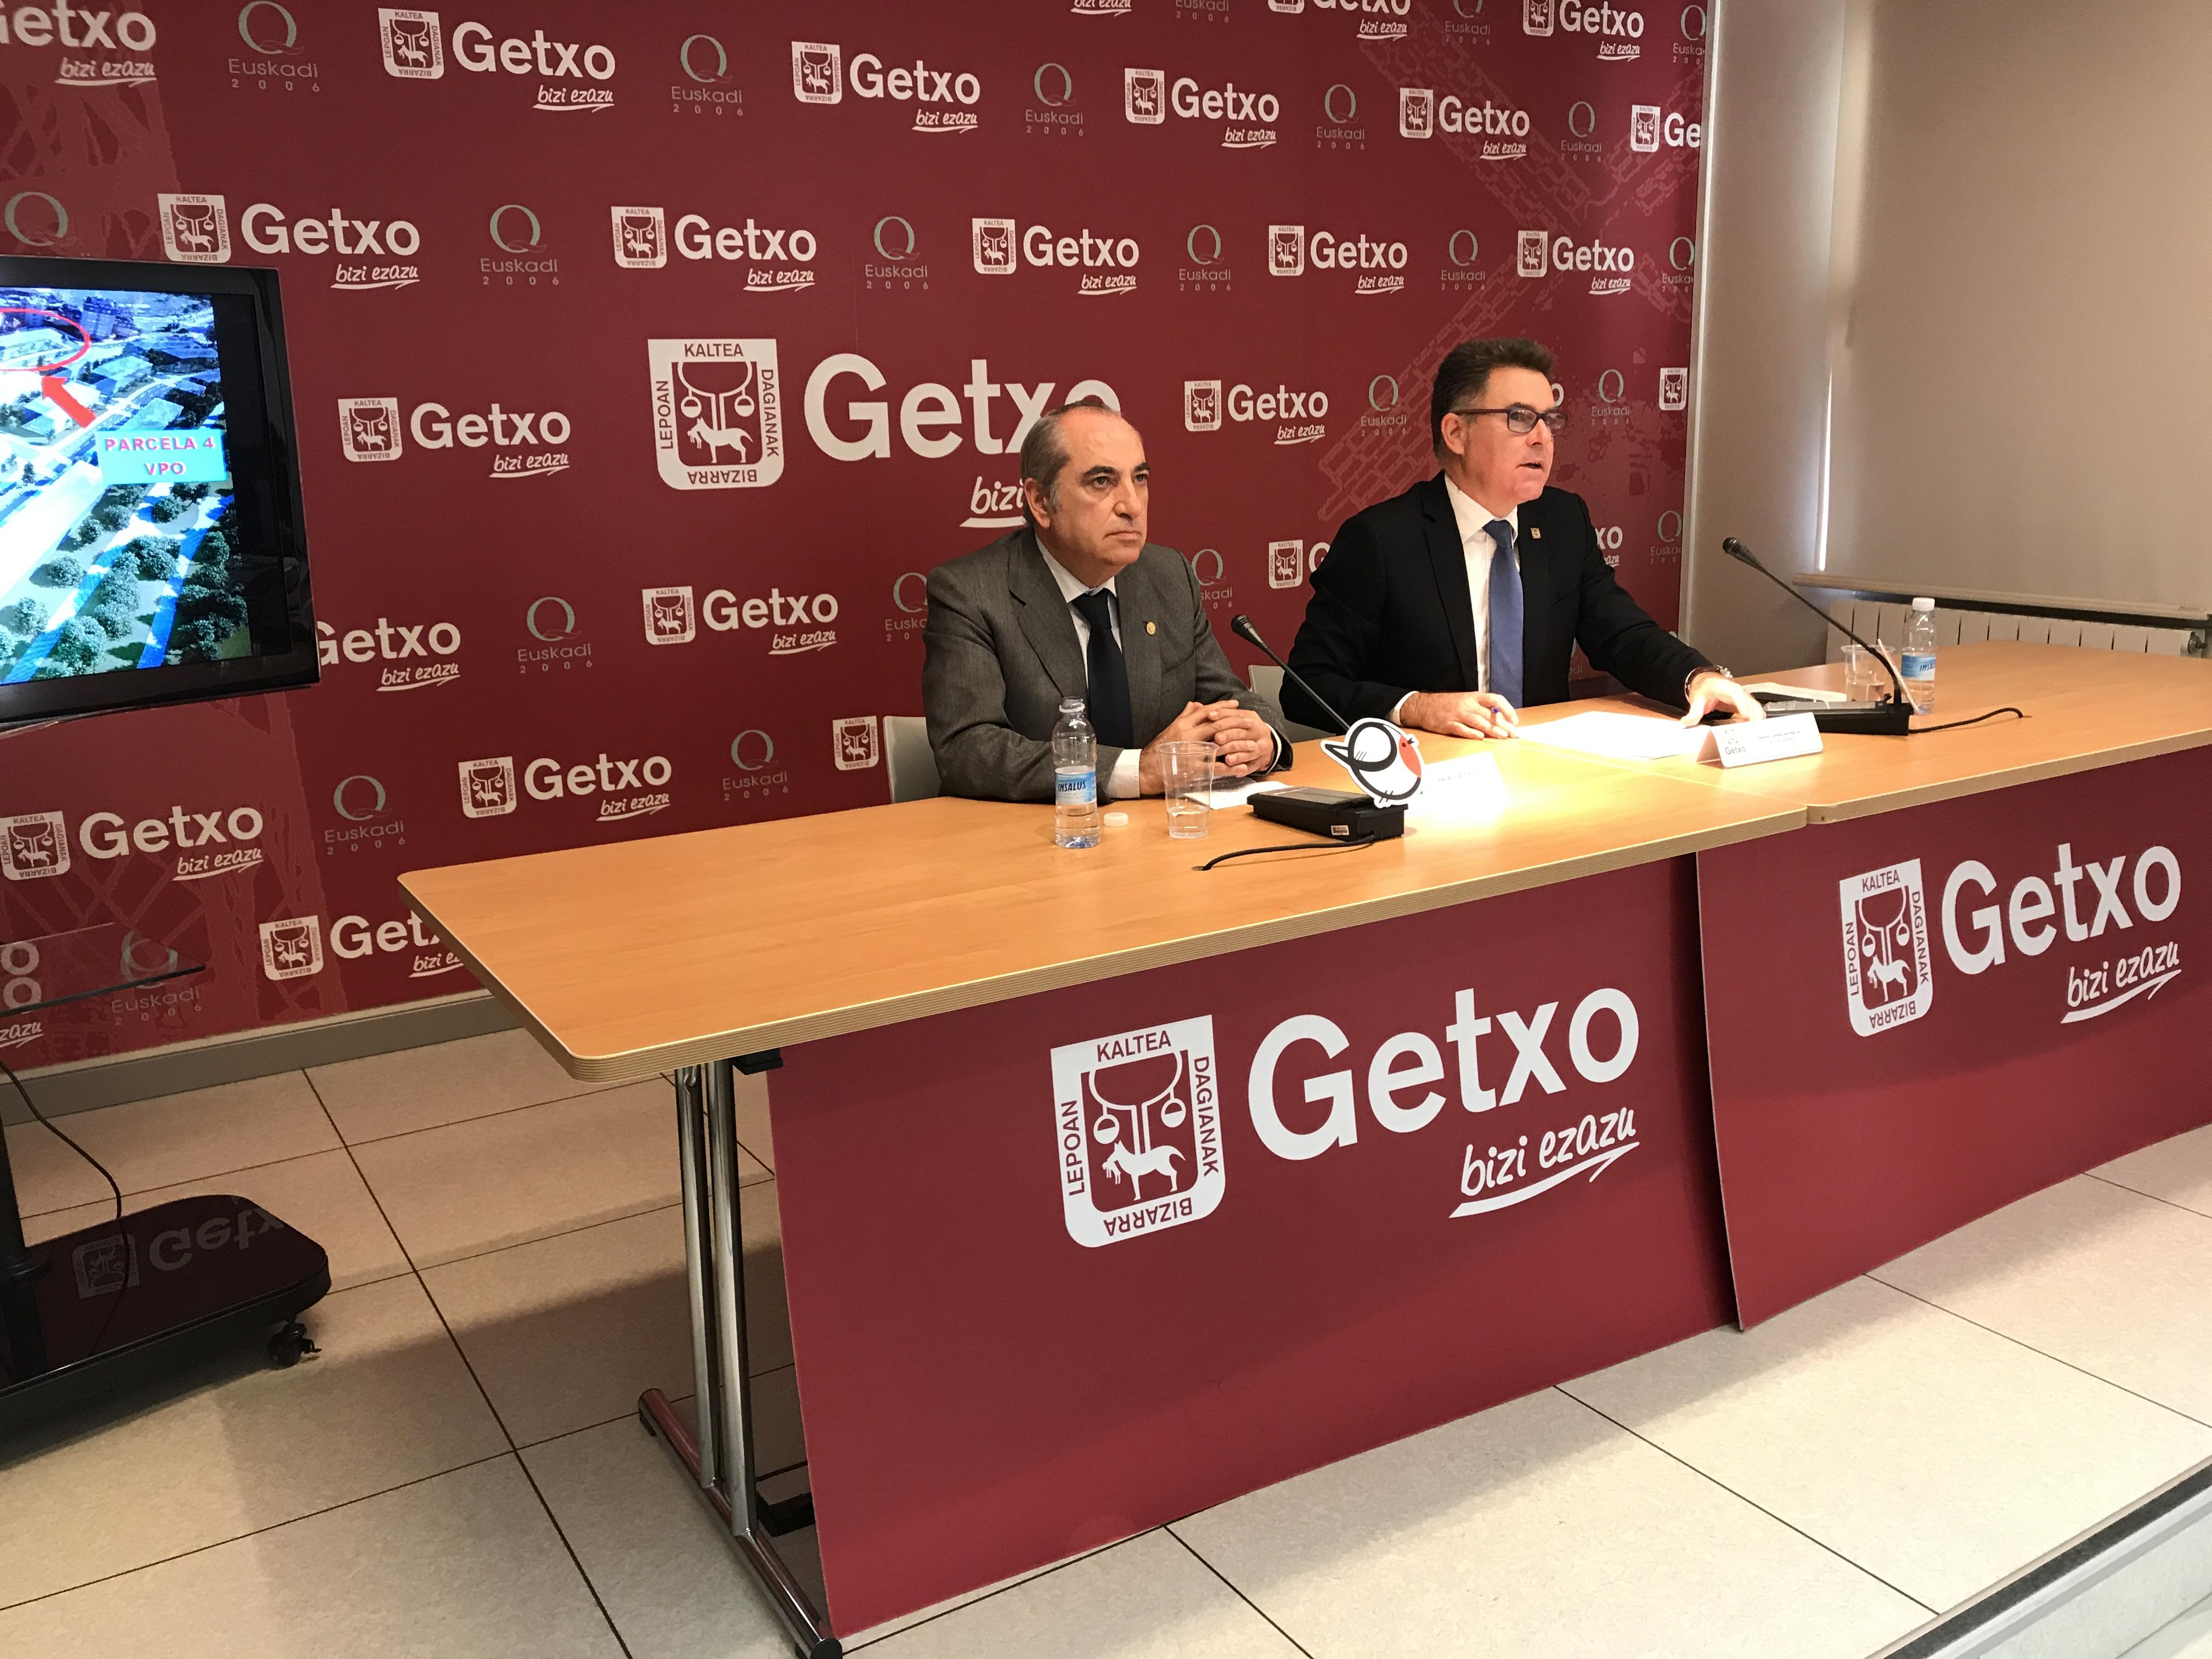 Getxo1.JPG